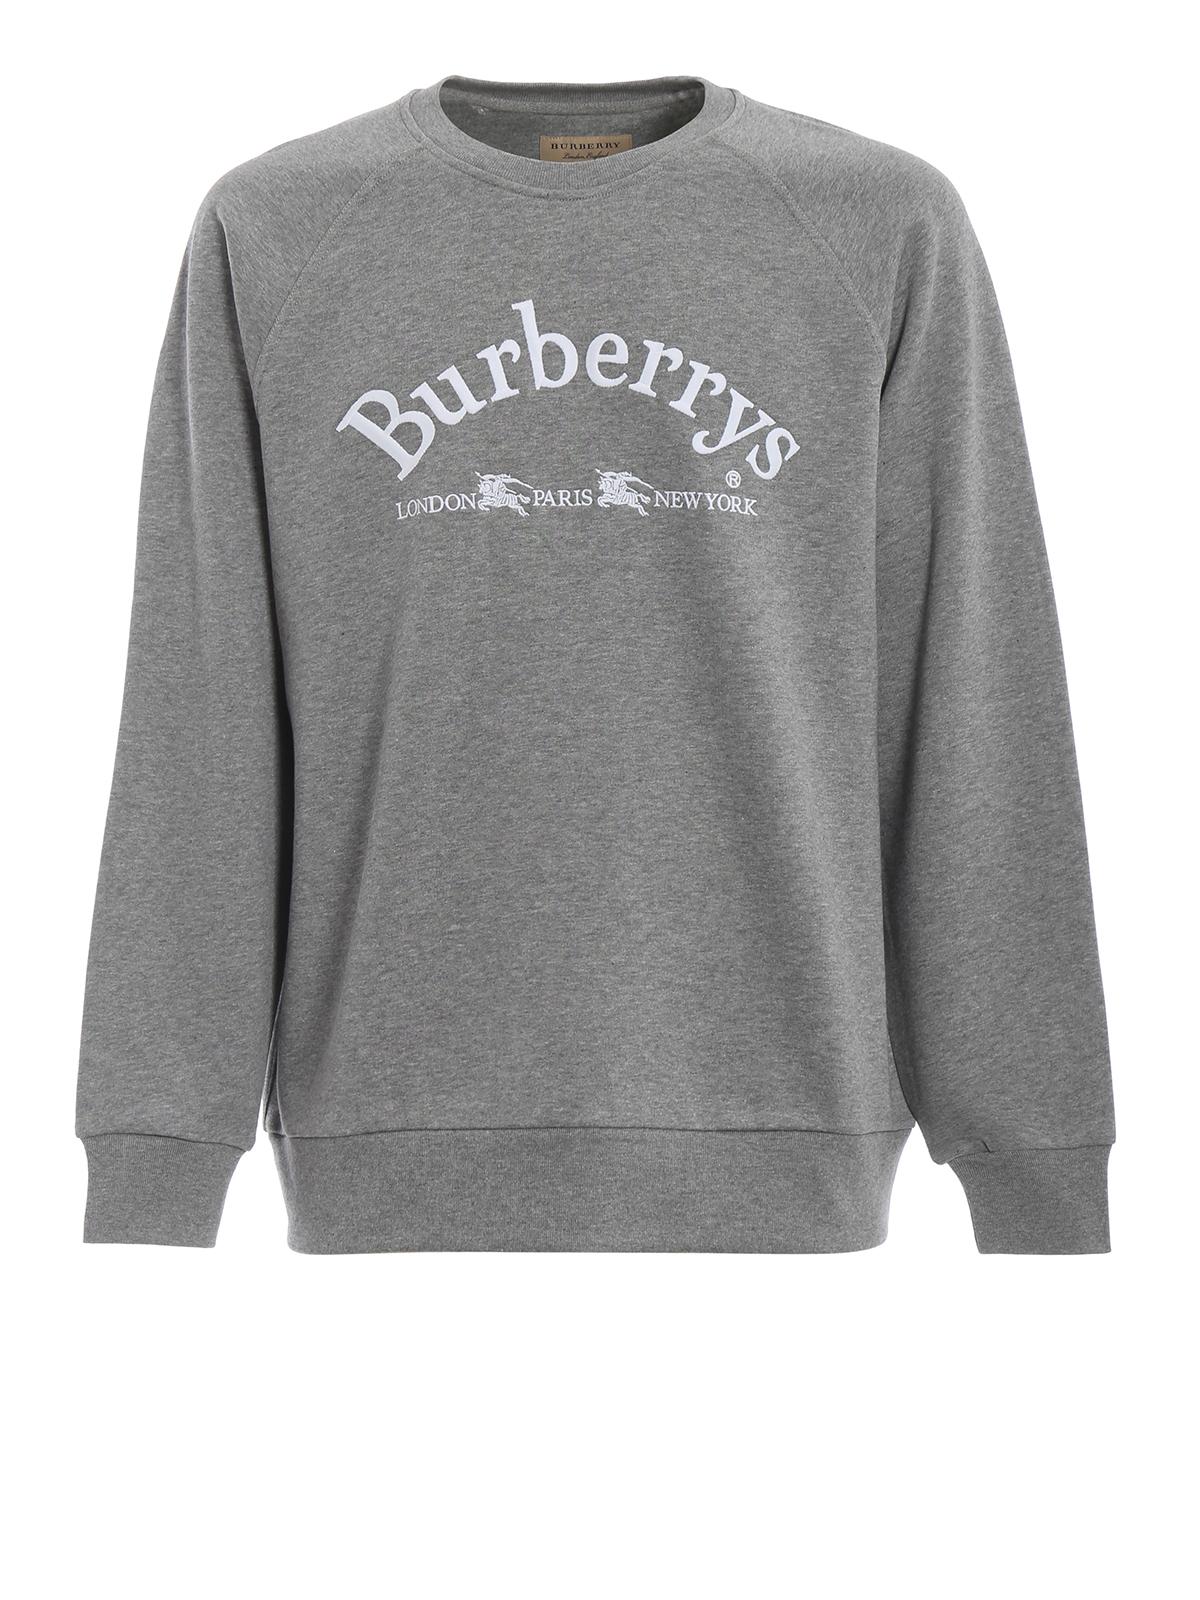 Burberry Sweatshirt Grau Sweatshirts und Pullover